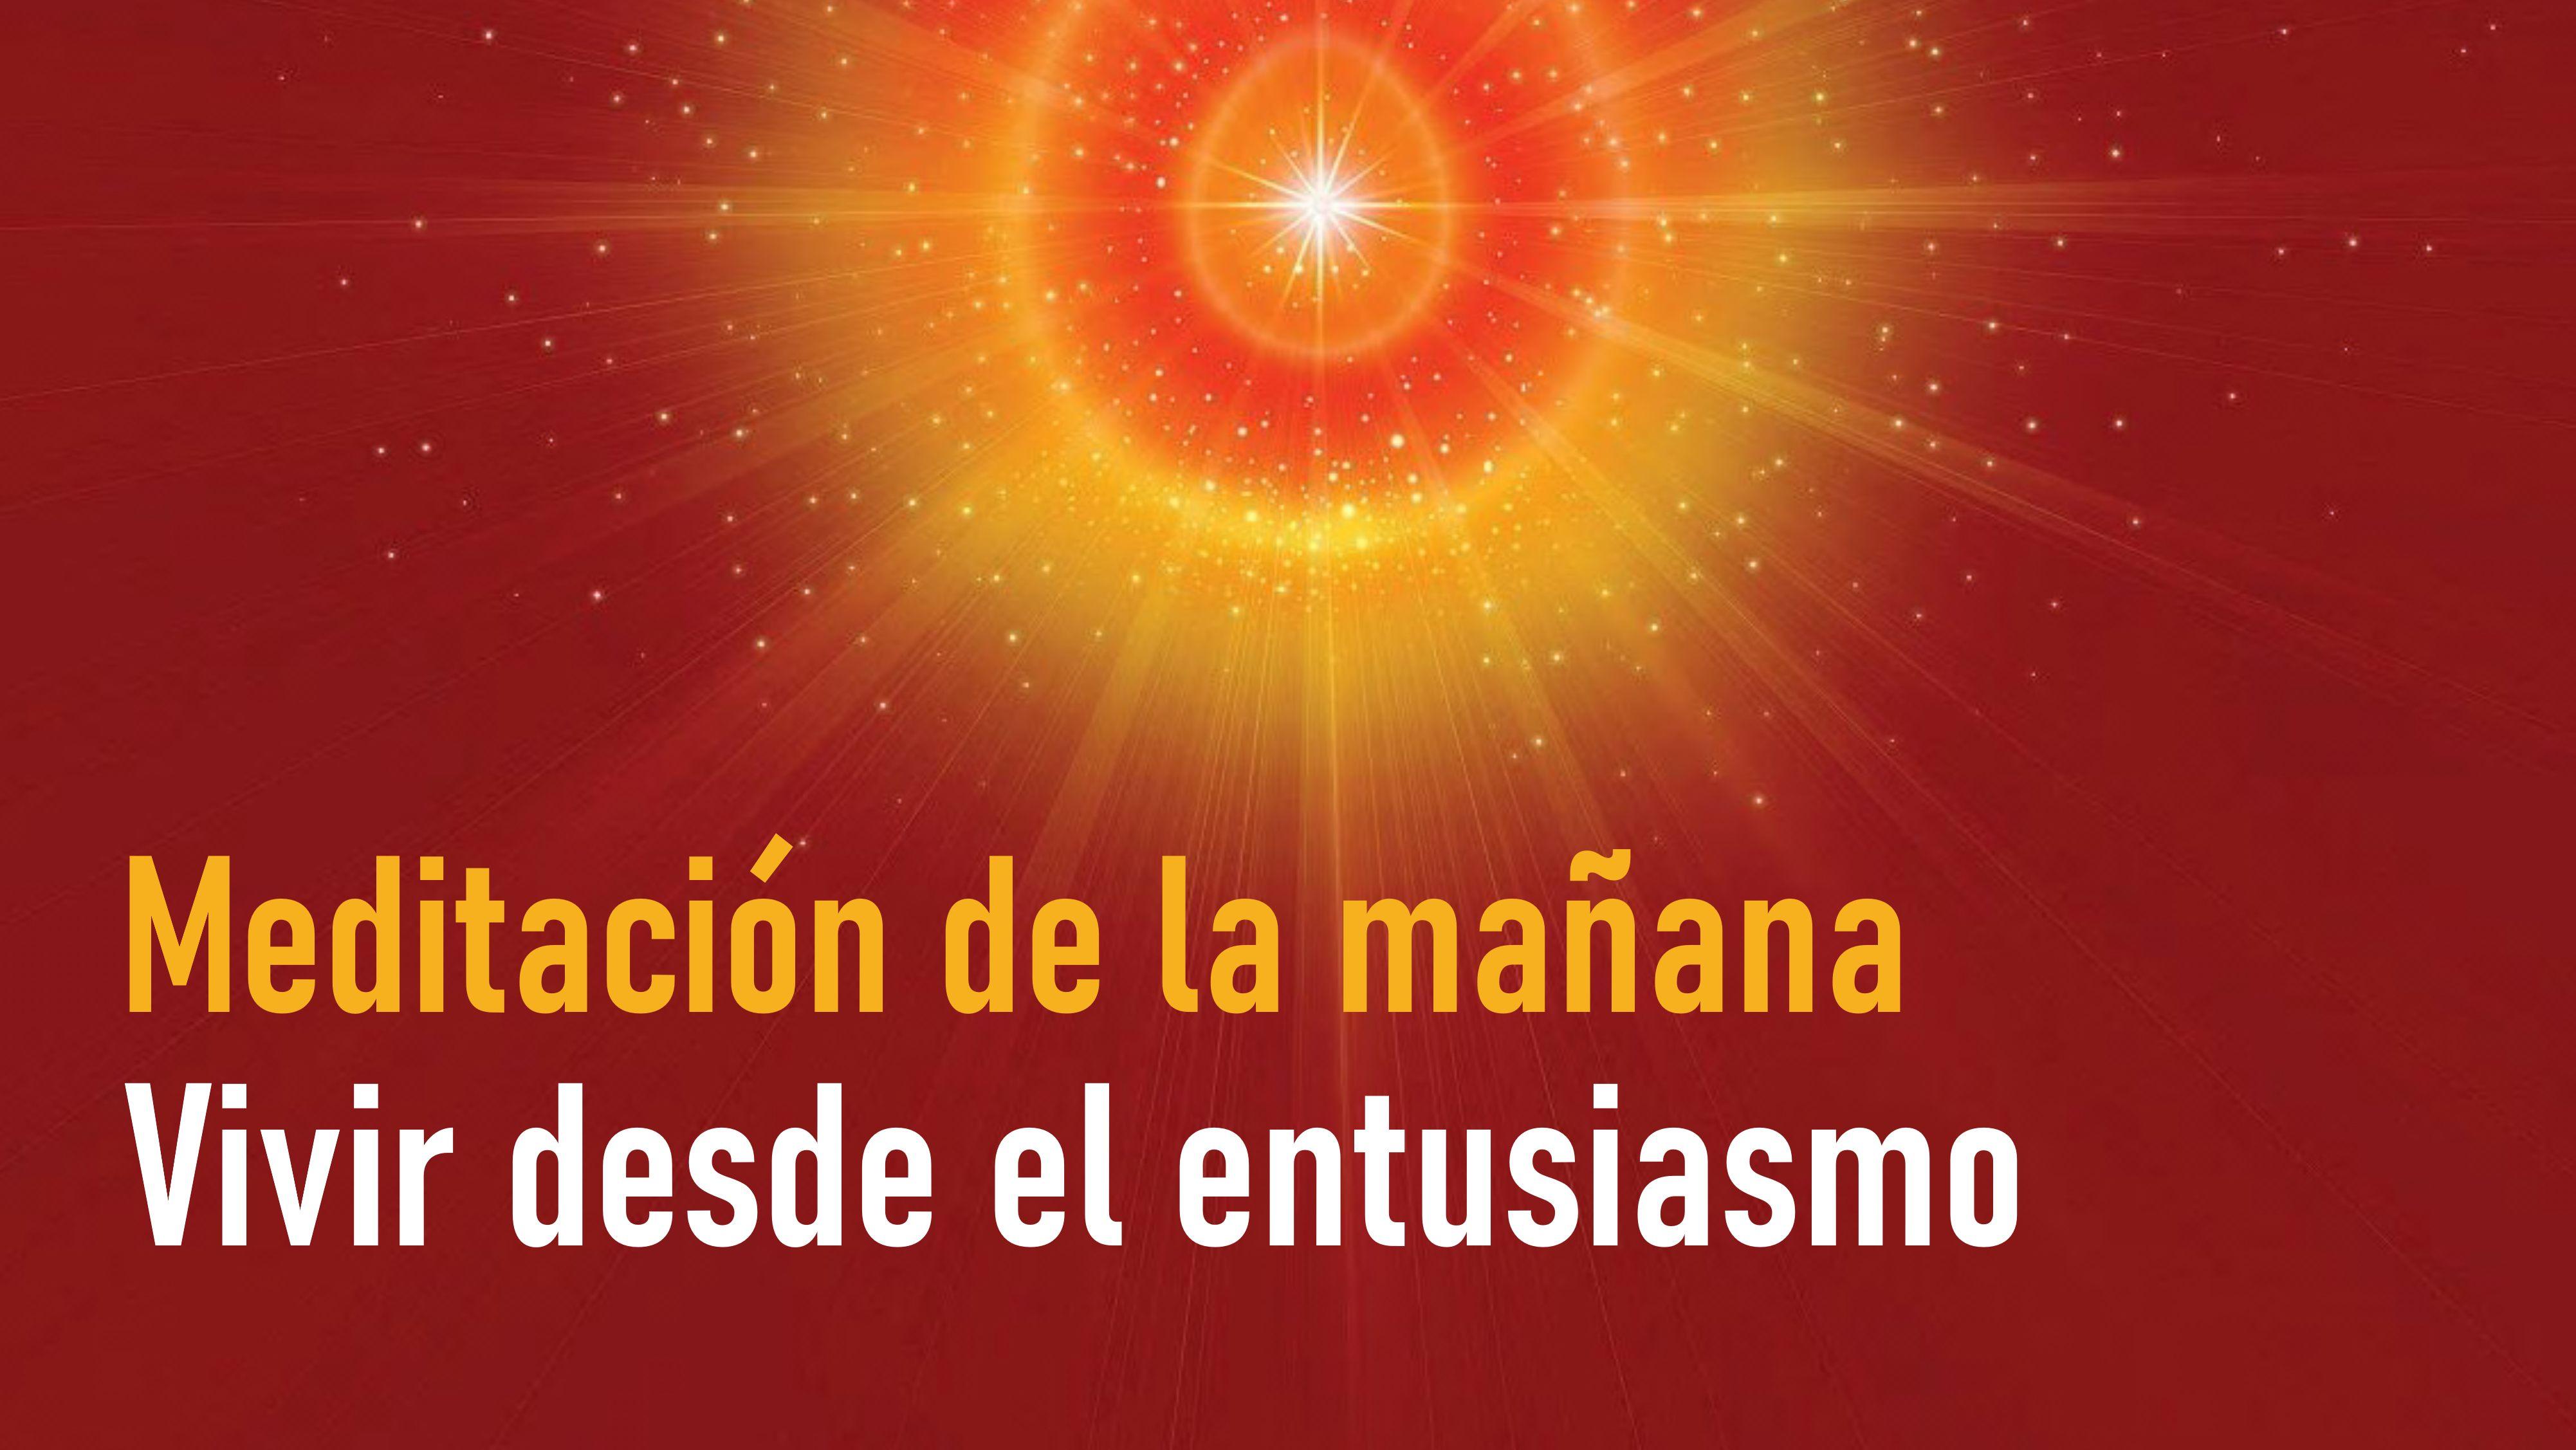 Meditación de la mañana: Vivir desde el entusiasmo (29 Septiembre 2020)